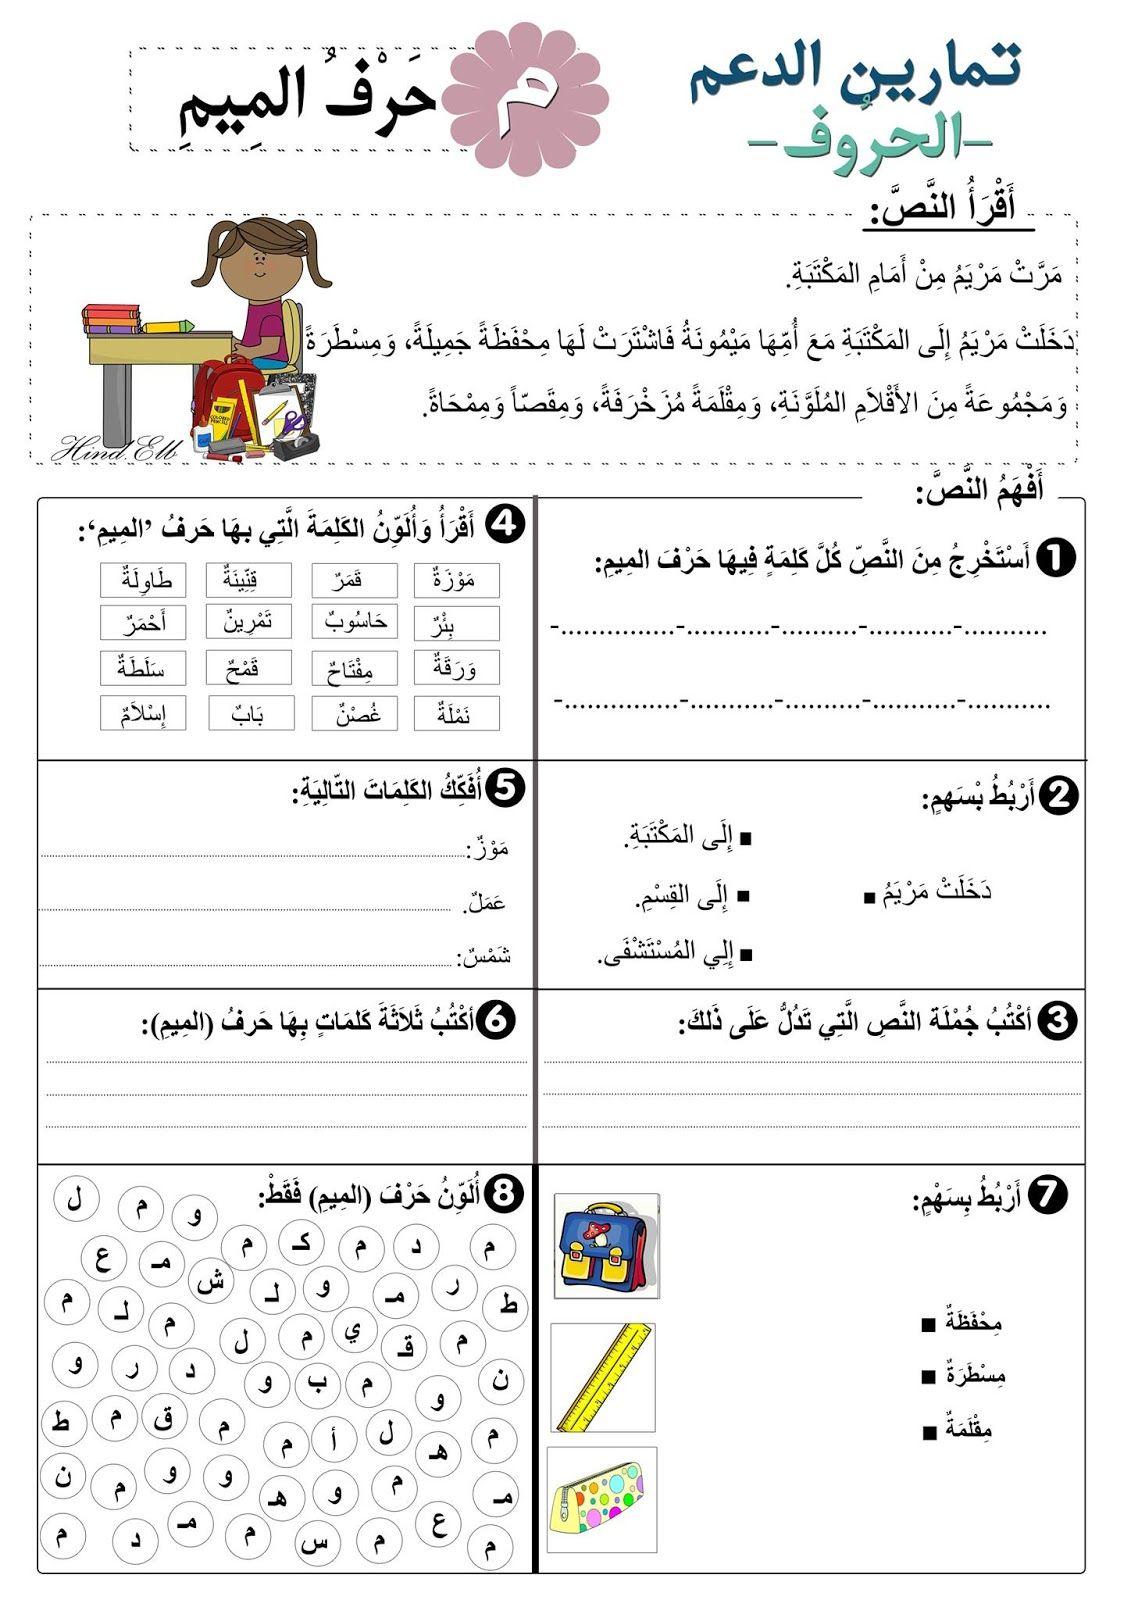 سلسلة تمارين الد عم في الحروف للسنة الأولى ابتدائي Arabic Alphabet For Kids Learn Arabic Alphabet Alphabet Worksheets Preschool